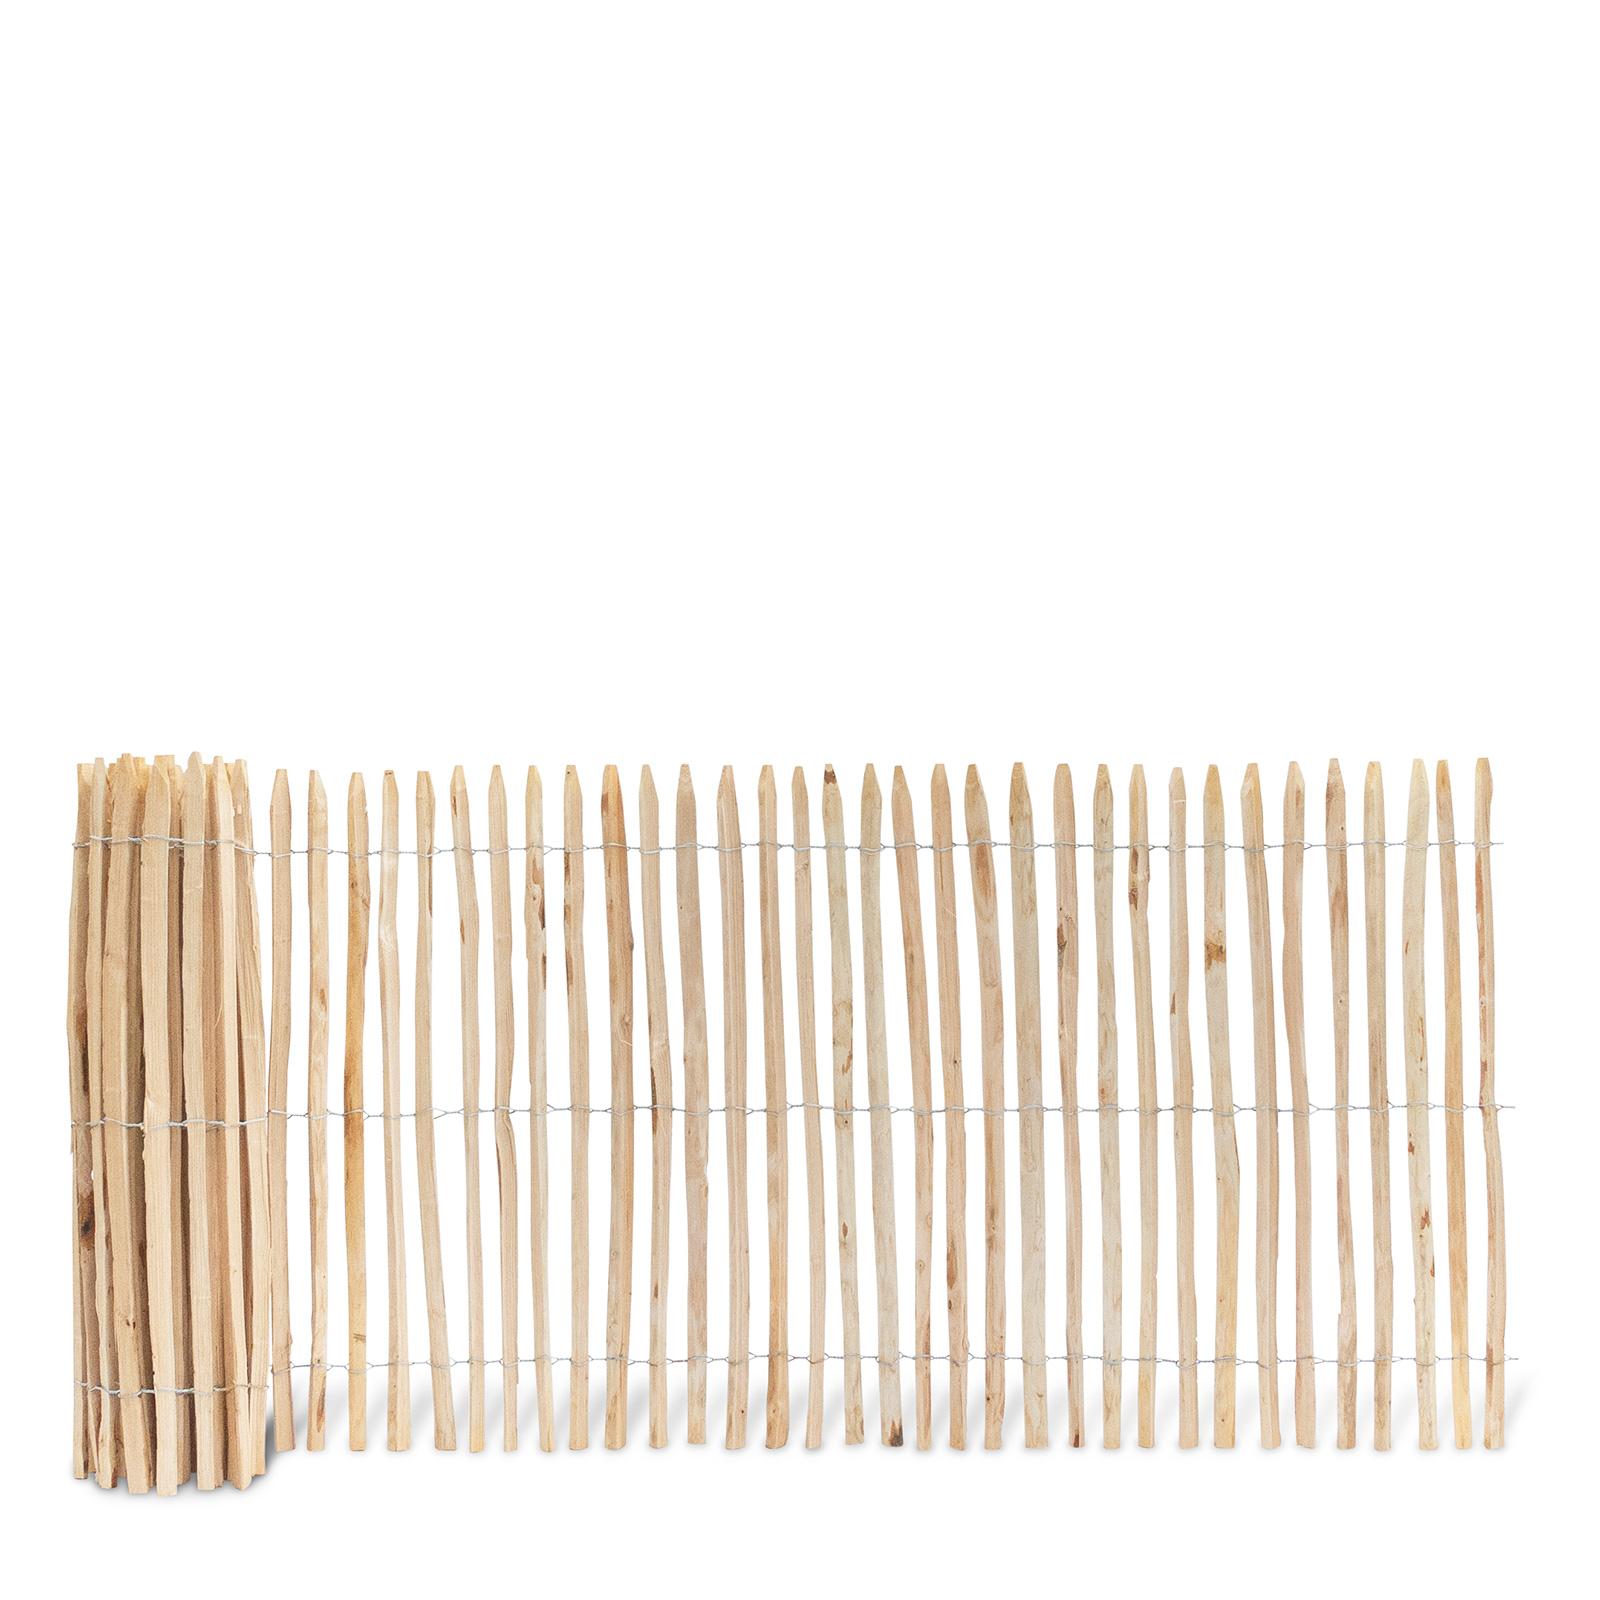 Französischer Staketenzaun aus Kastanienholz, 120 cm hoch mit einem Lattenabstand von 2-3 Zentimetern. Mit seinen angespitzten und verdrahteten Hölzern passt der schöne Zaun in jede Umgebung. Ganz ohne Pflege hält der natürliche Gartenzaun rund 20 Jahre.